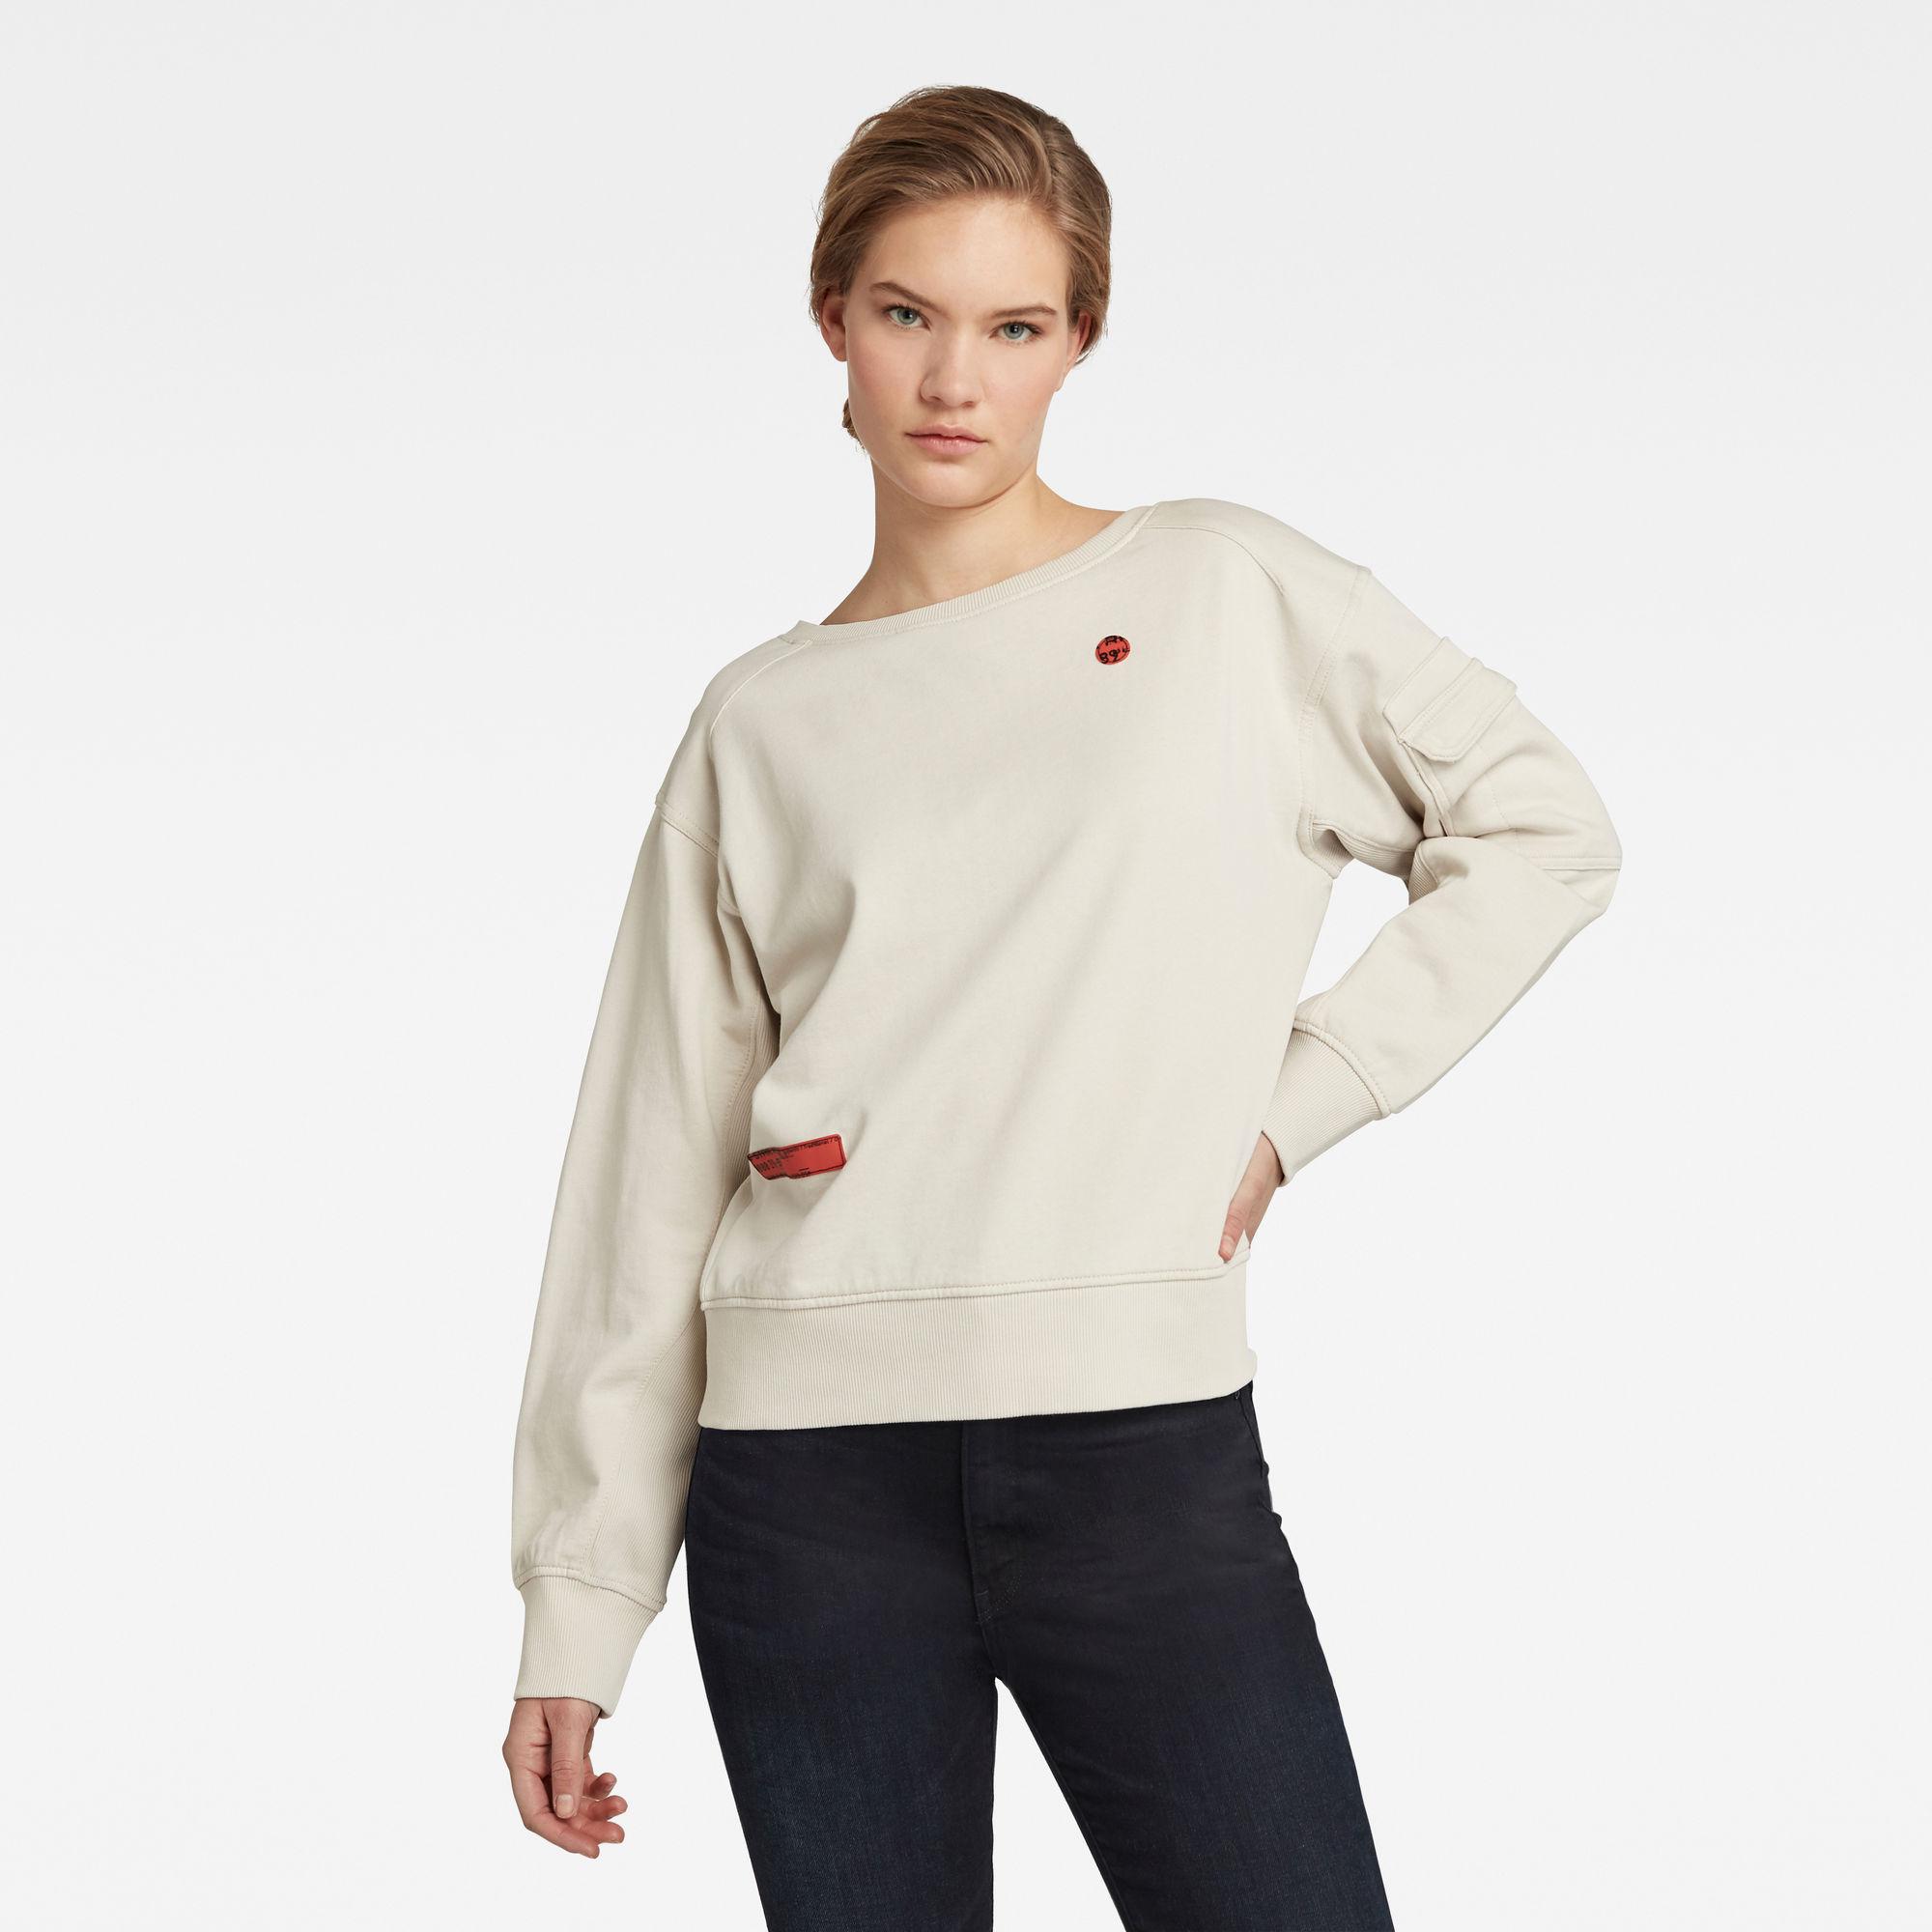 G-Star RAW Dames Sweater Boothals Beige